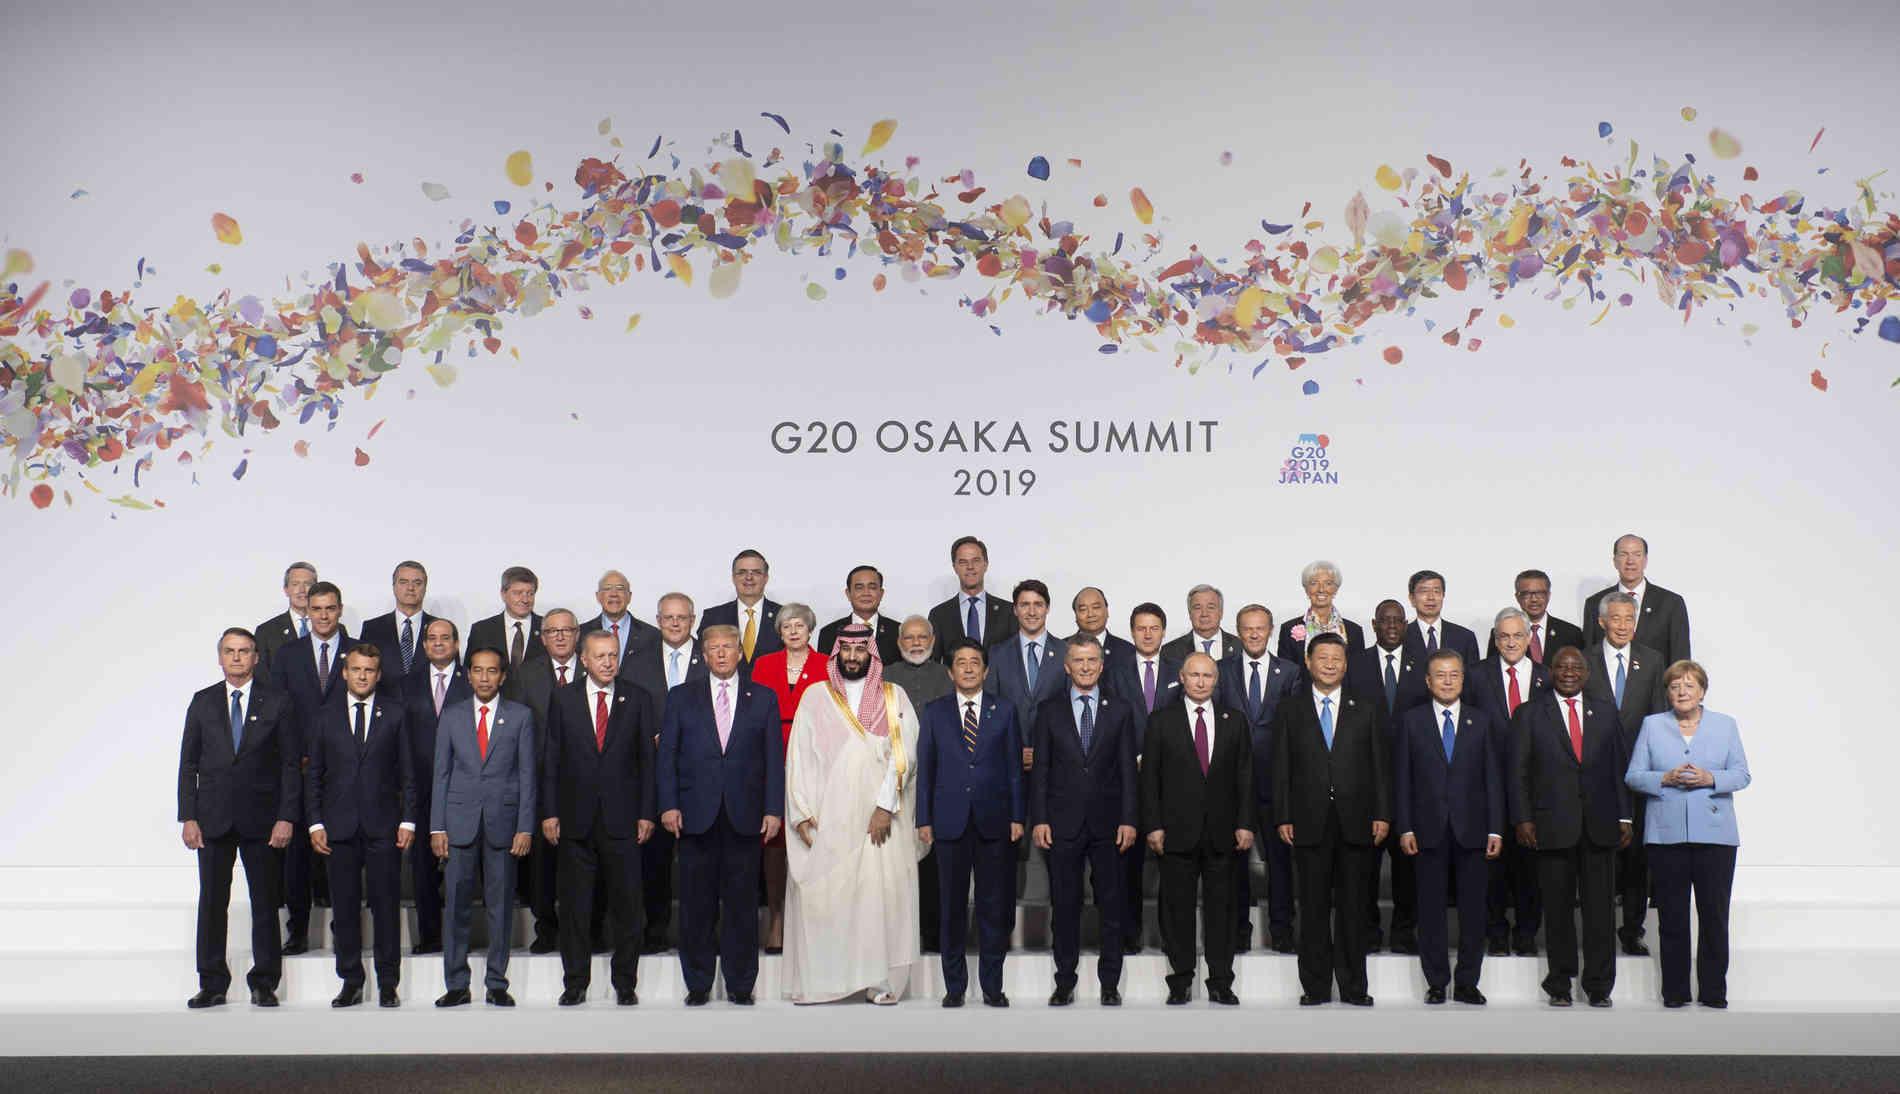 G20 Abschlusserklärung